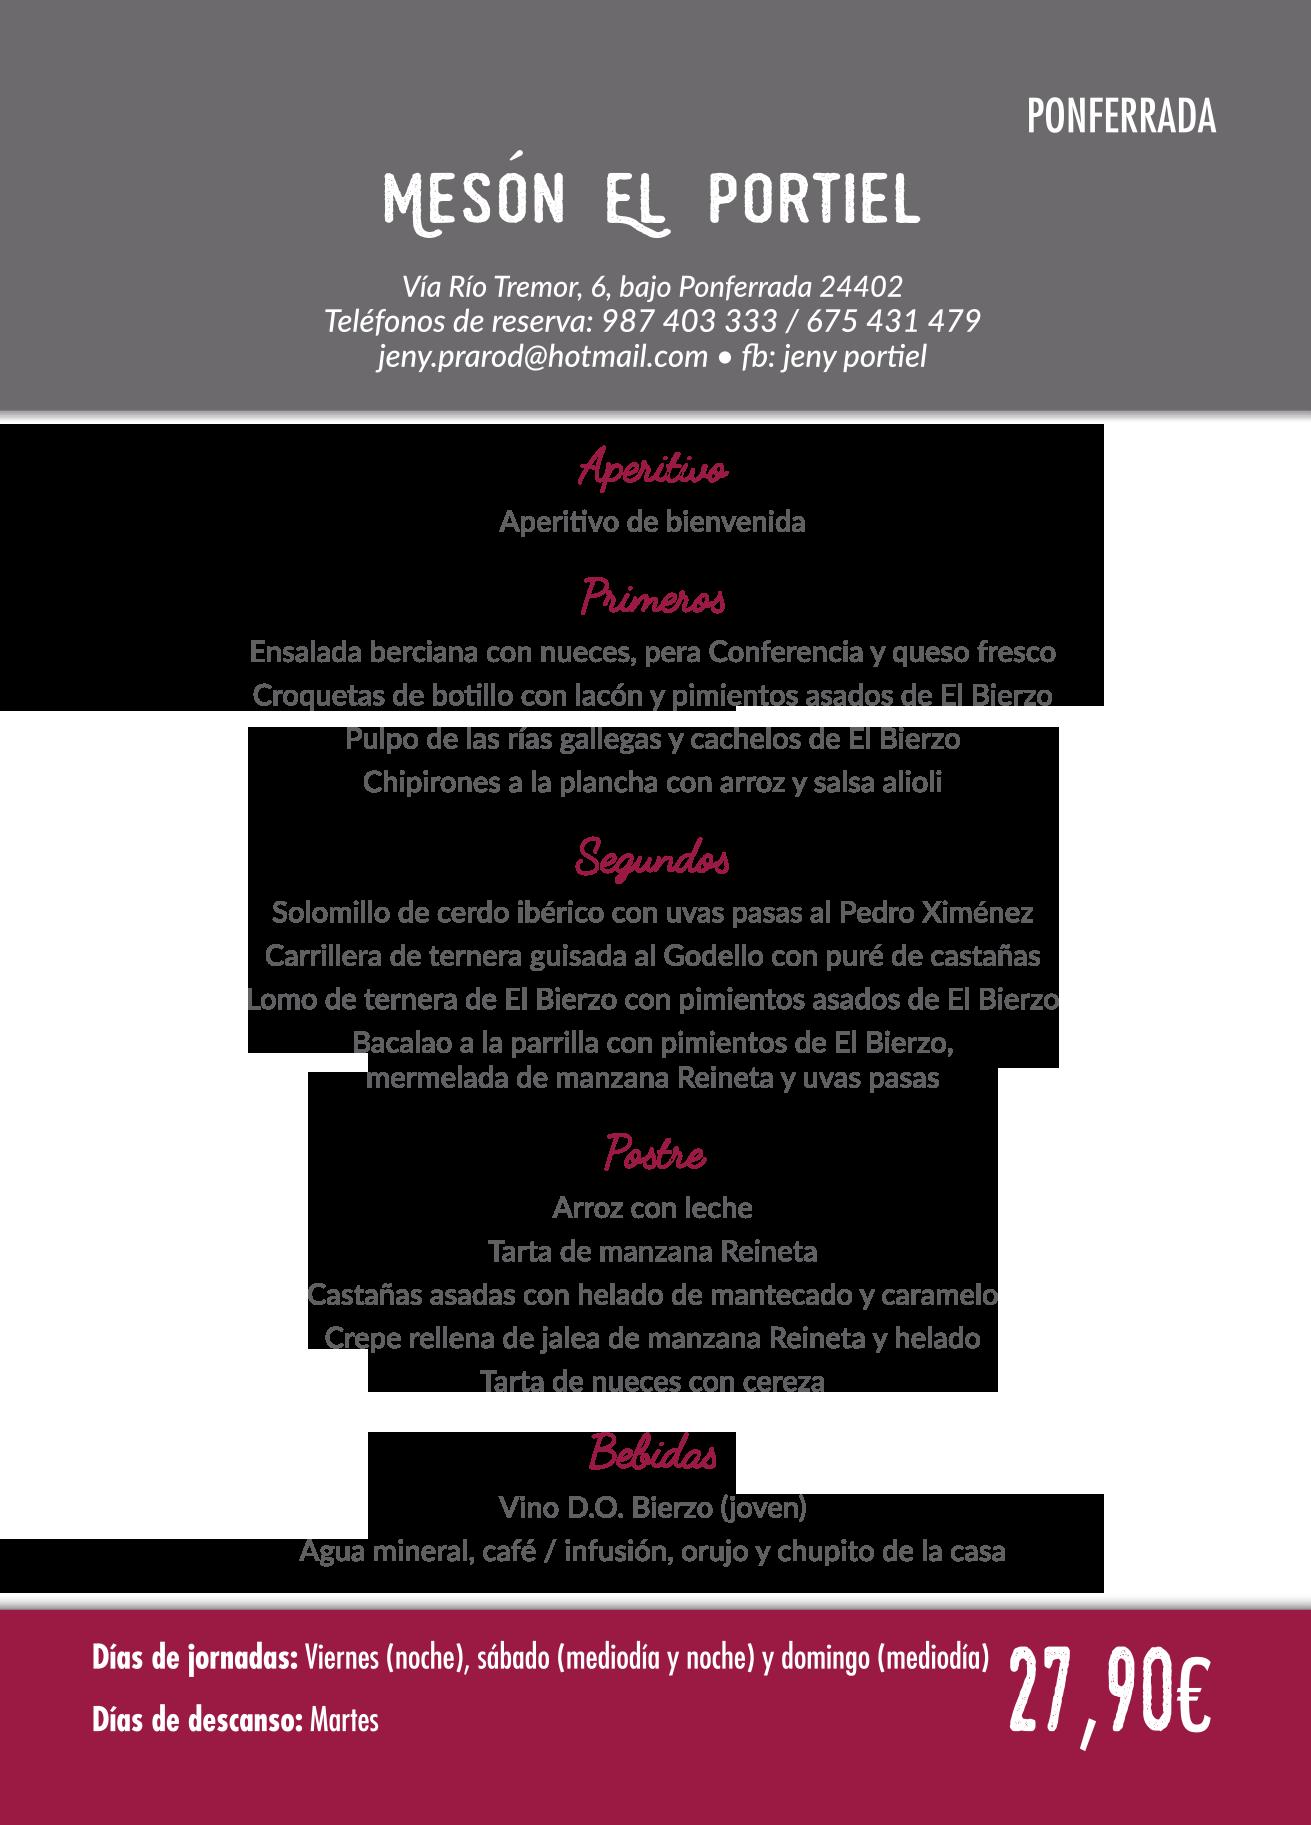 Las Jornadas Gastronómicas del Bierzo llegan a su 35 edición. Consulta los menús de esta edición 25